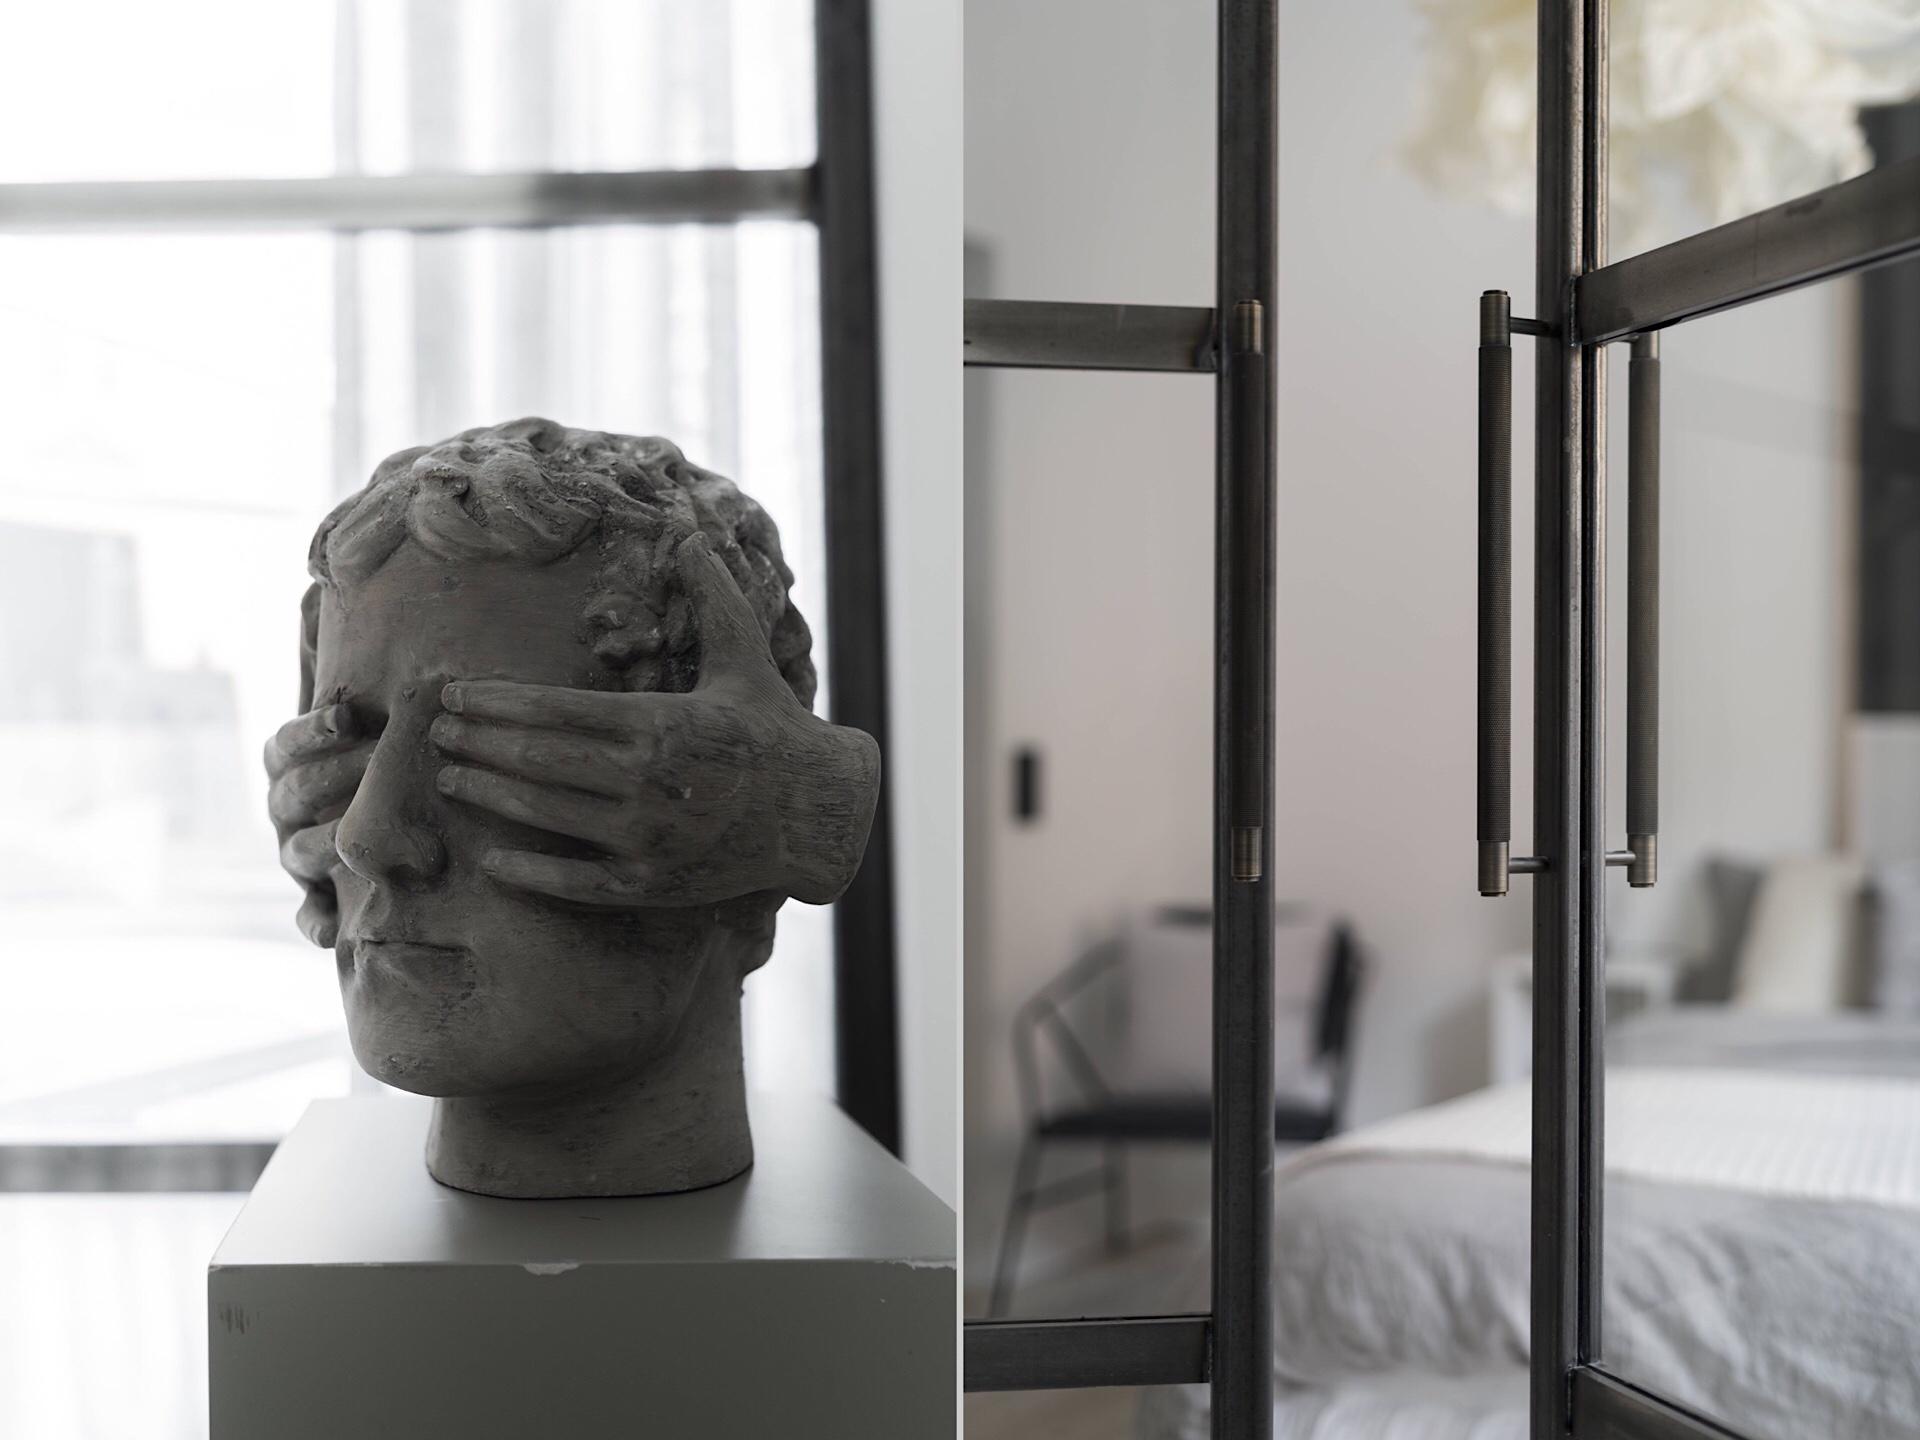 Uși de sticlă între living și dormitor într o garsonieră de 49 m² din Suedia 8